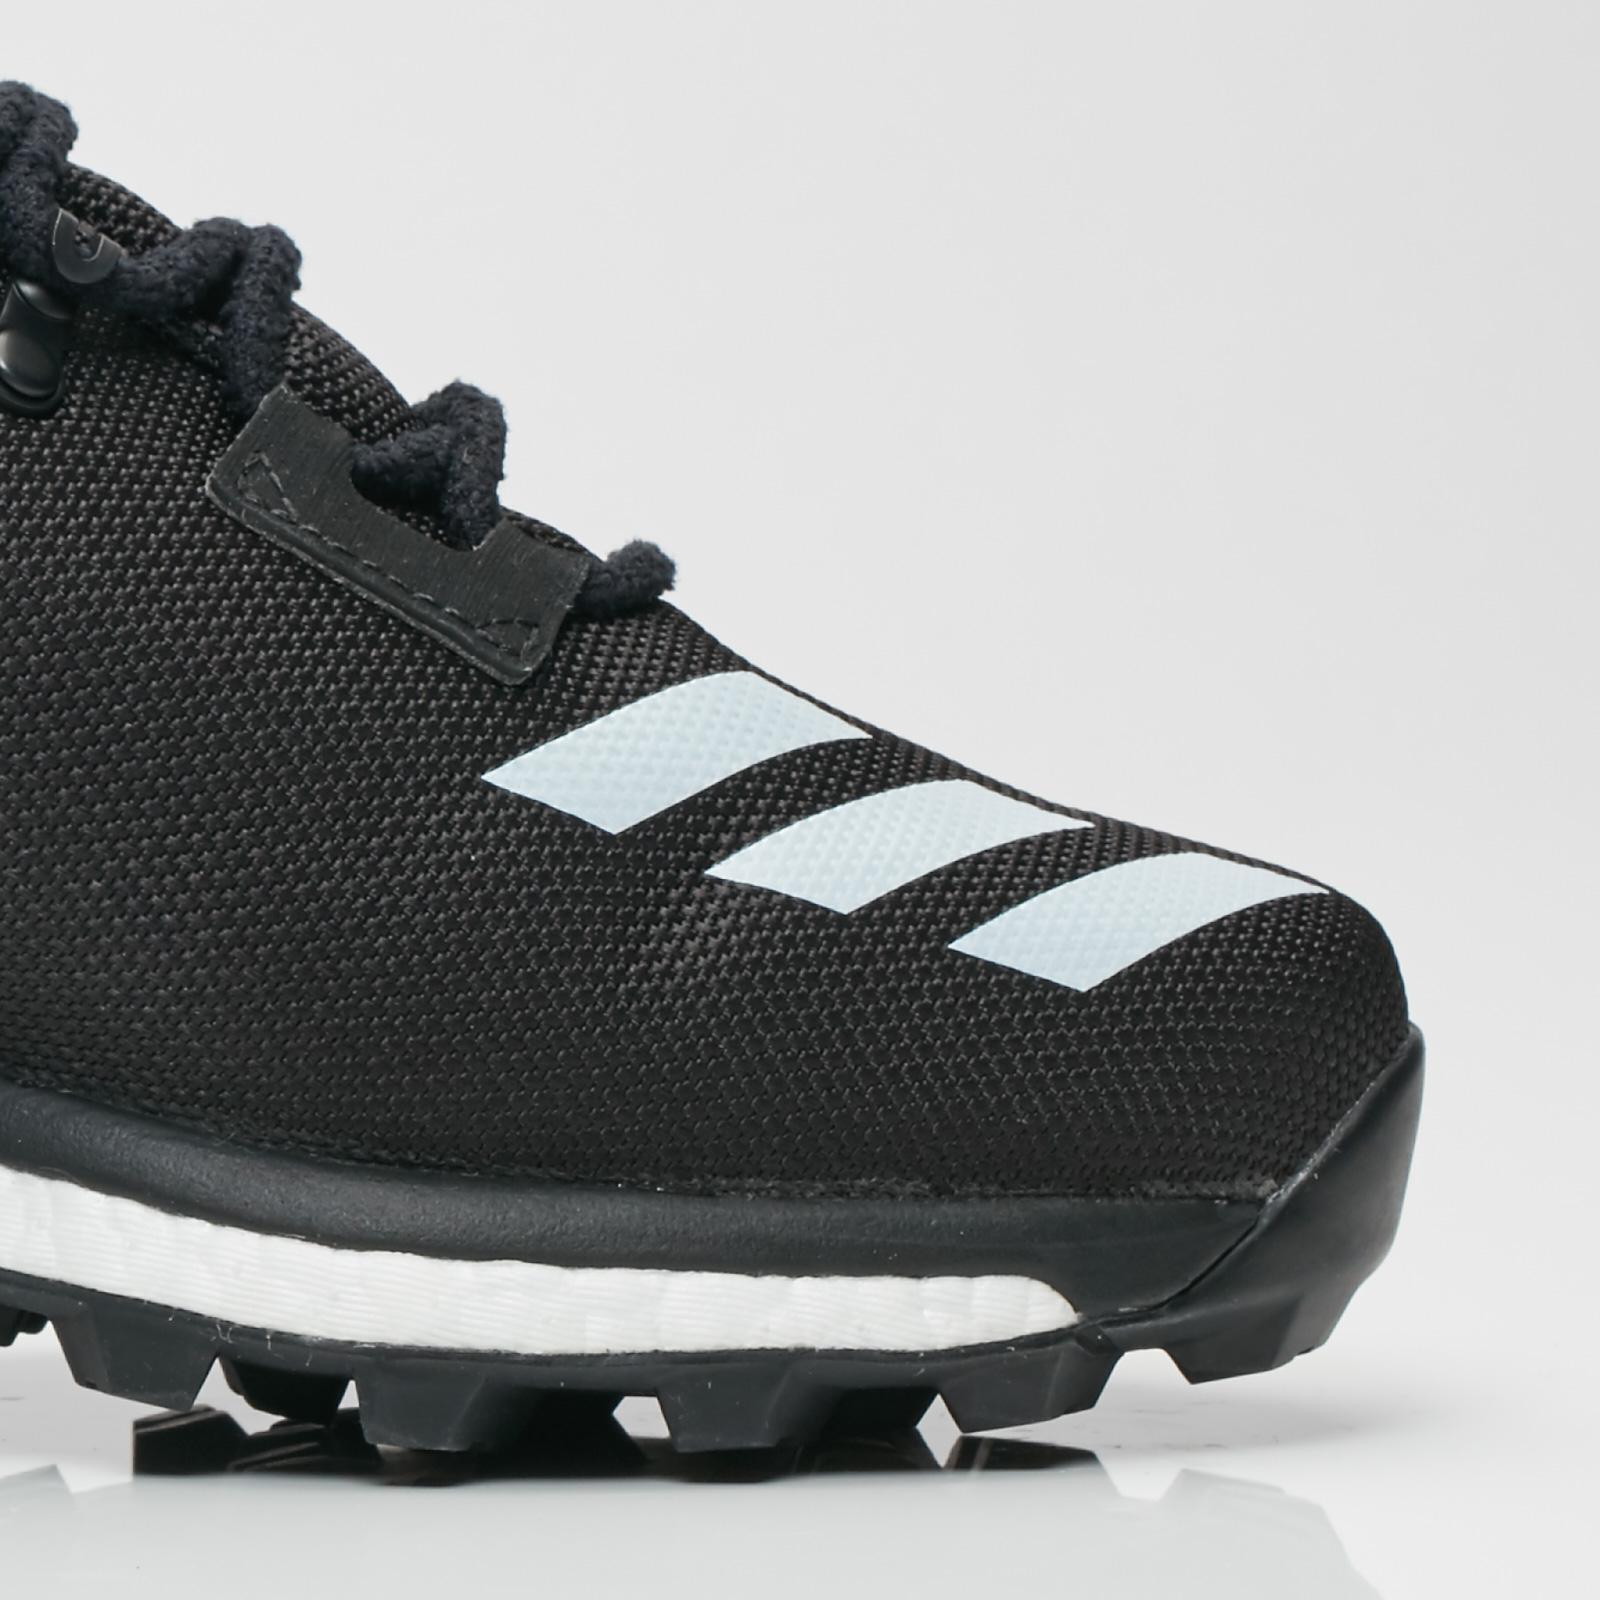 meet 72cd0 5a5e7 ... adidas Consortium ADO Terrex Agravic